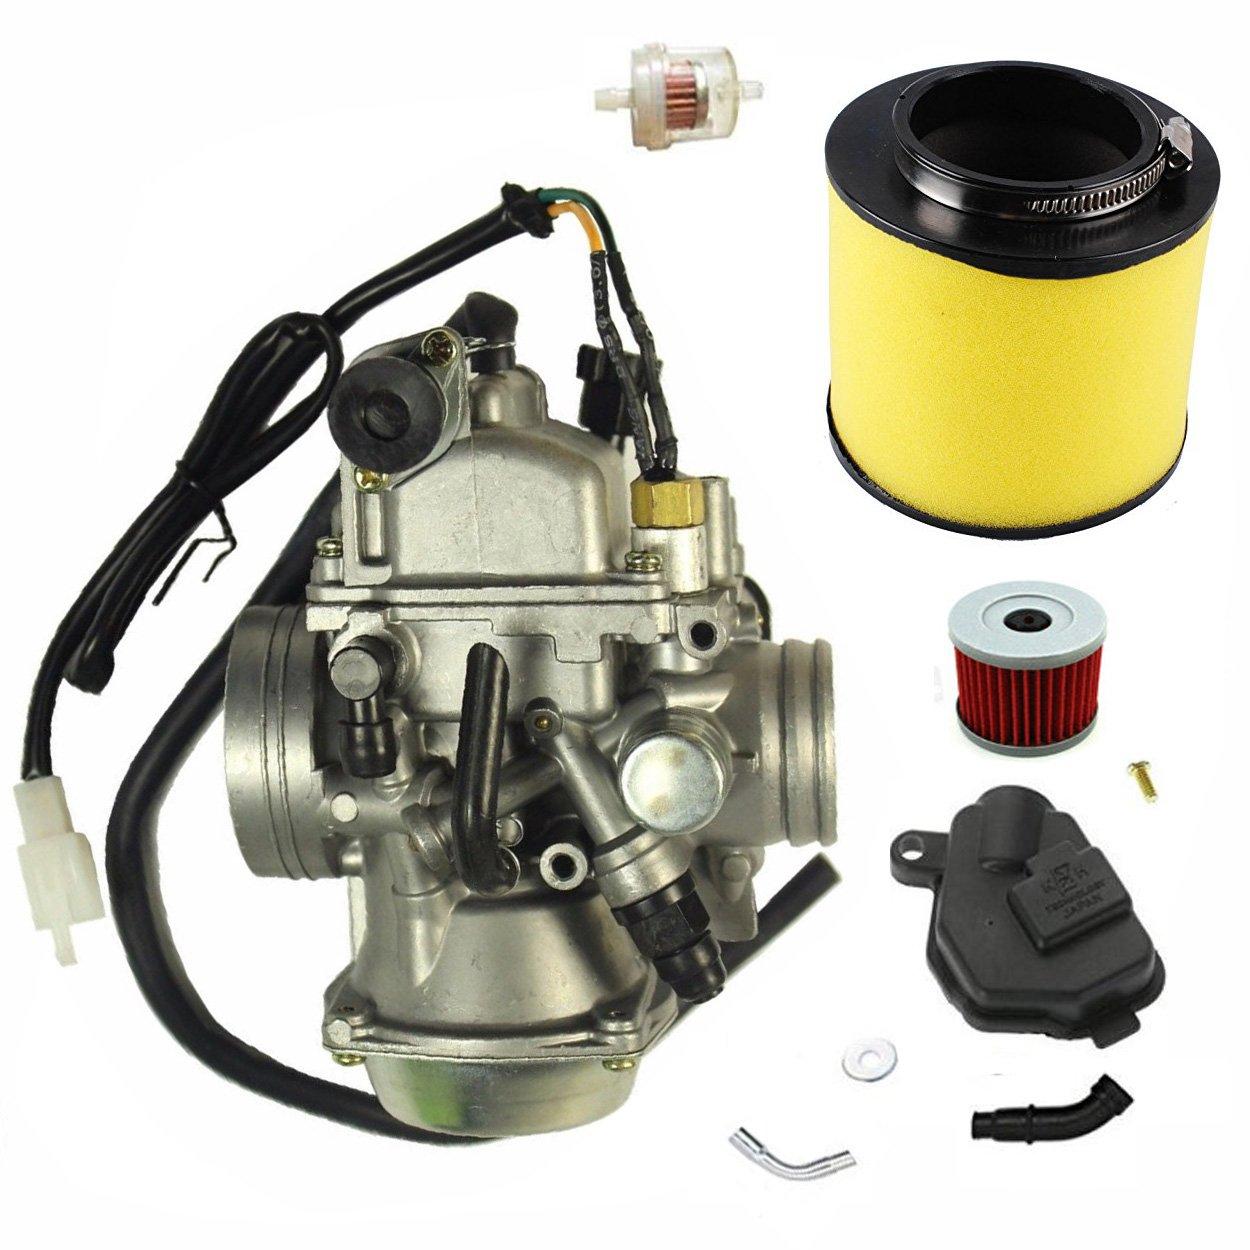 Carburetor w/Air Filter Oil Filter Fits Honda 350 Rancher TRX350TM/TE 2000-2003 New Carb